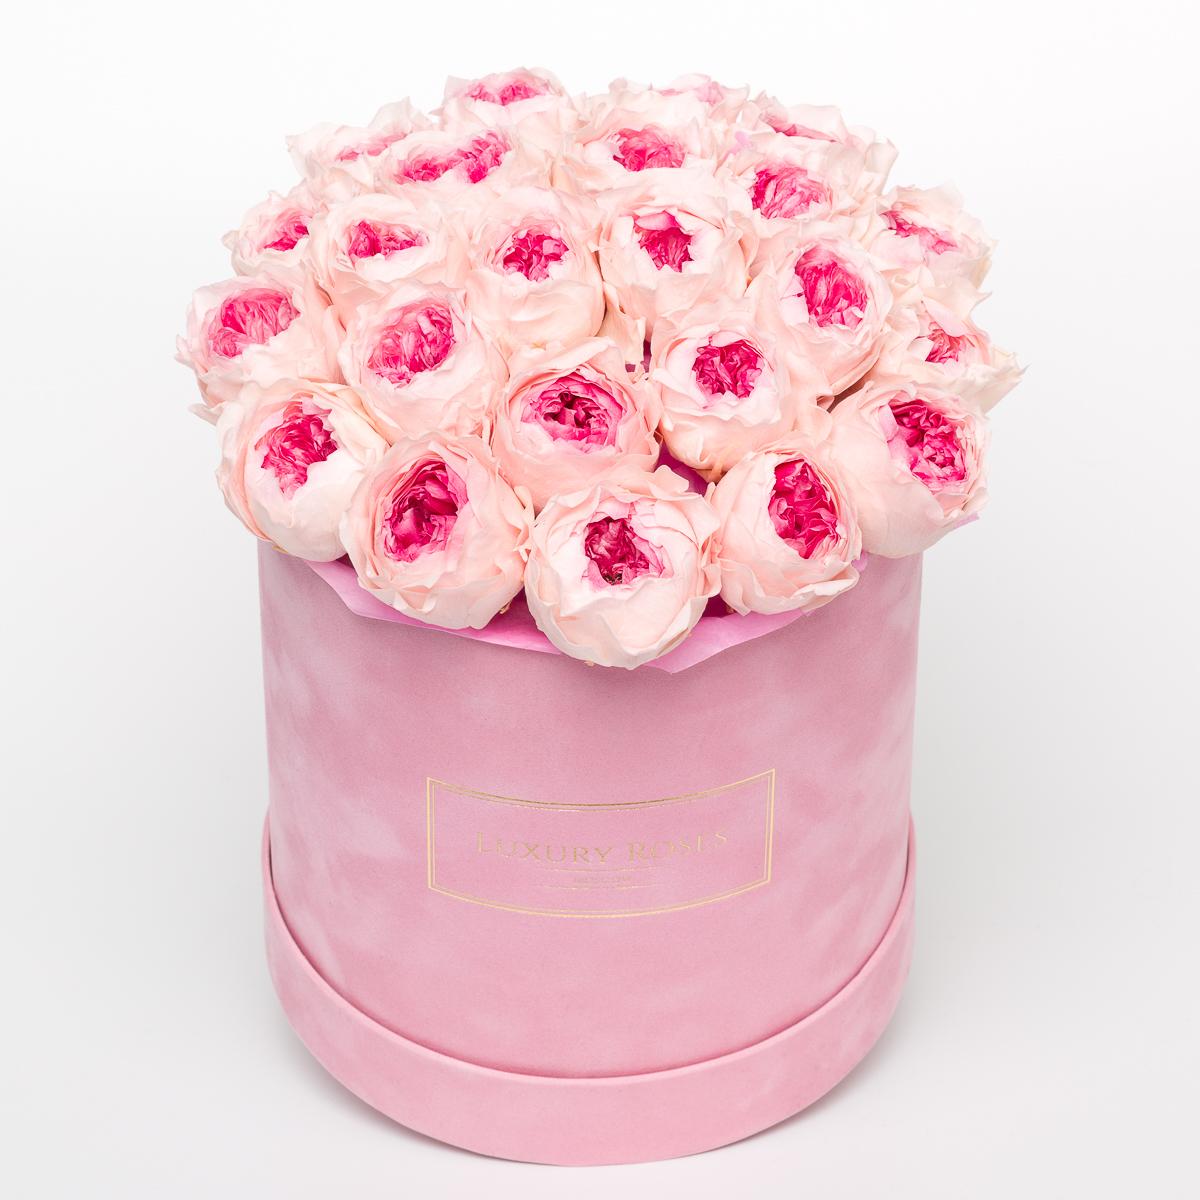 Недорогие цветы в коробке москва, цветов